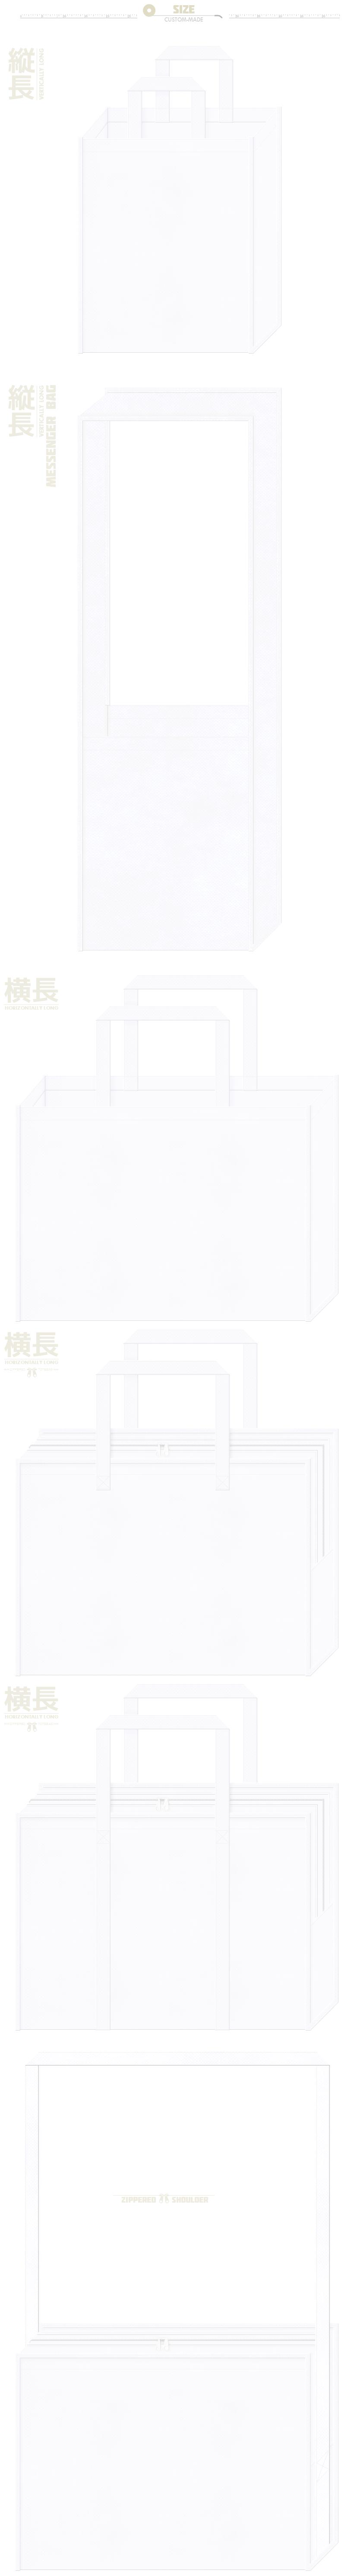 白色不織布バッグにお奨めのイメージ:白寿・鶴・白鳥・雪・病院・歯・ブラウス・ワイシャツ・ウェディング・花・かき氷・牛乳・コスメ・貝殻・砂浜